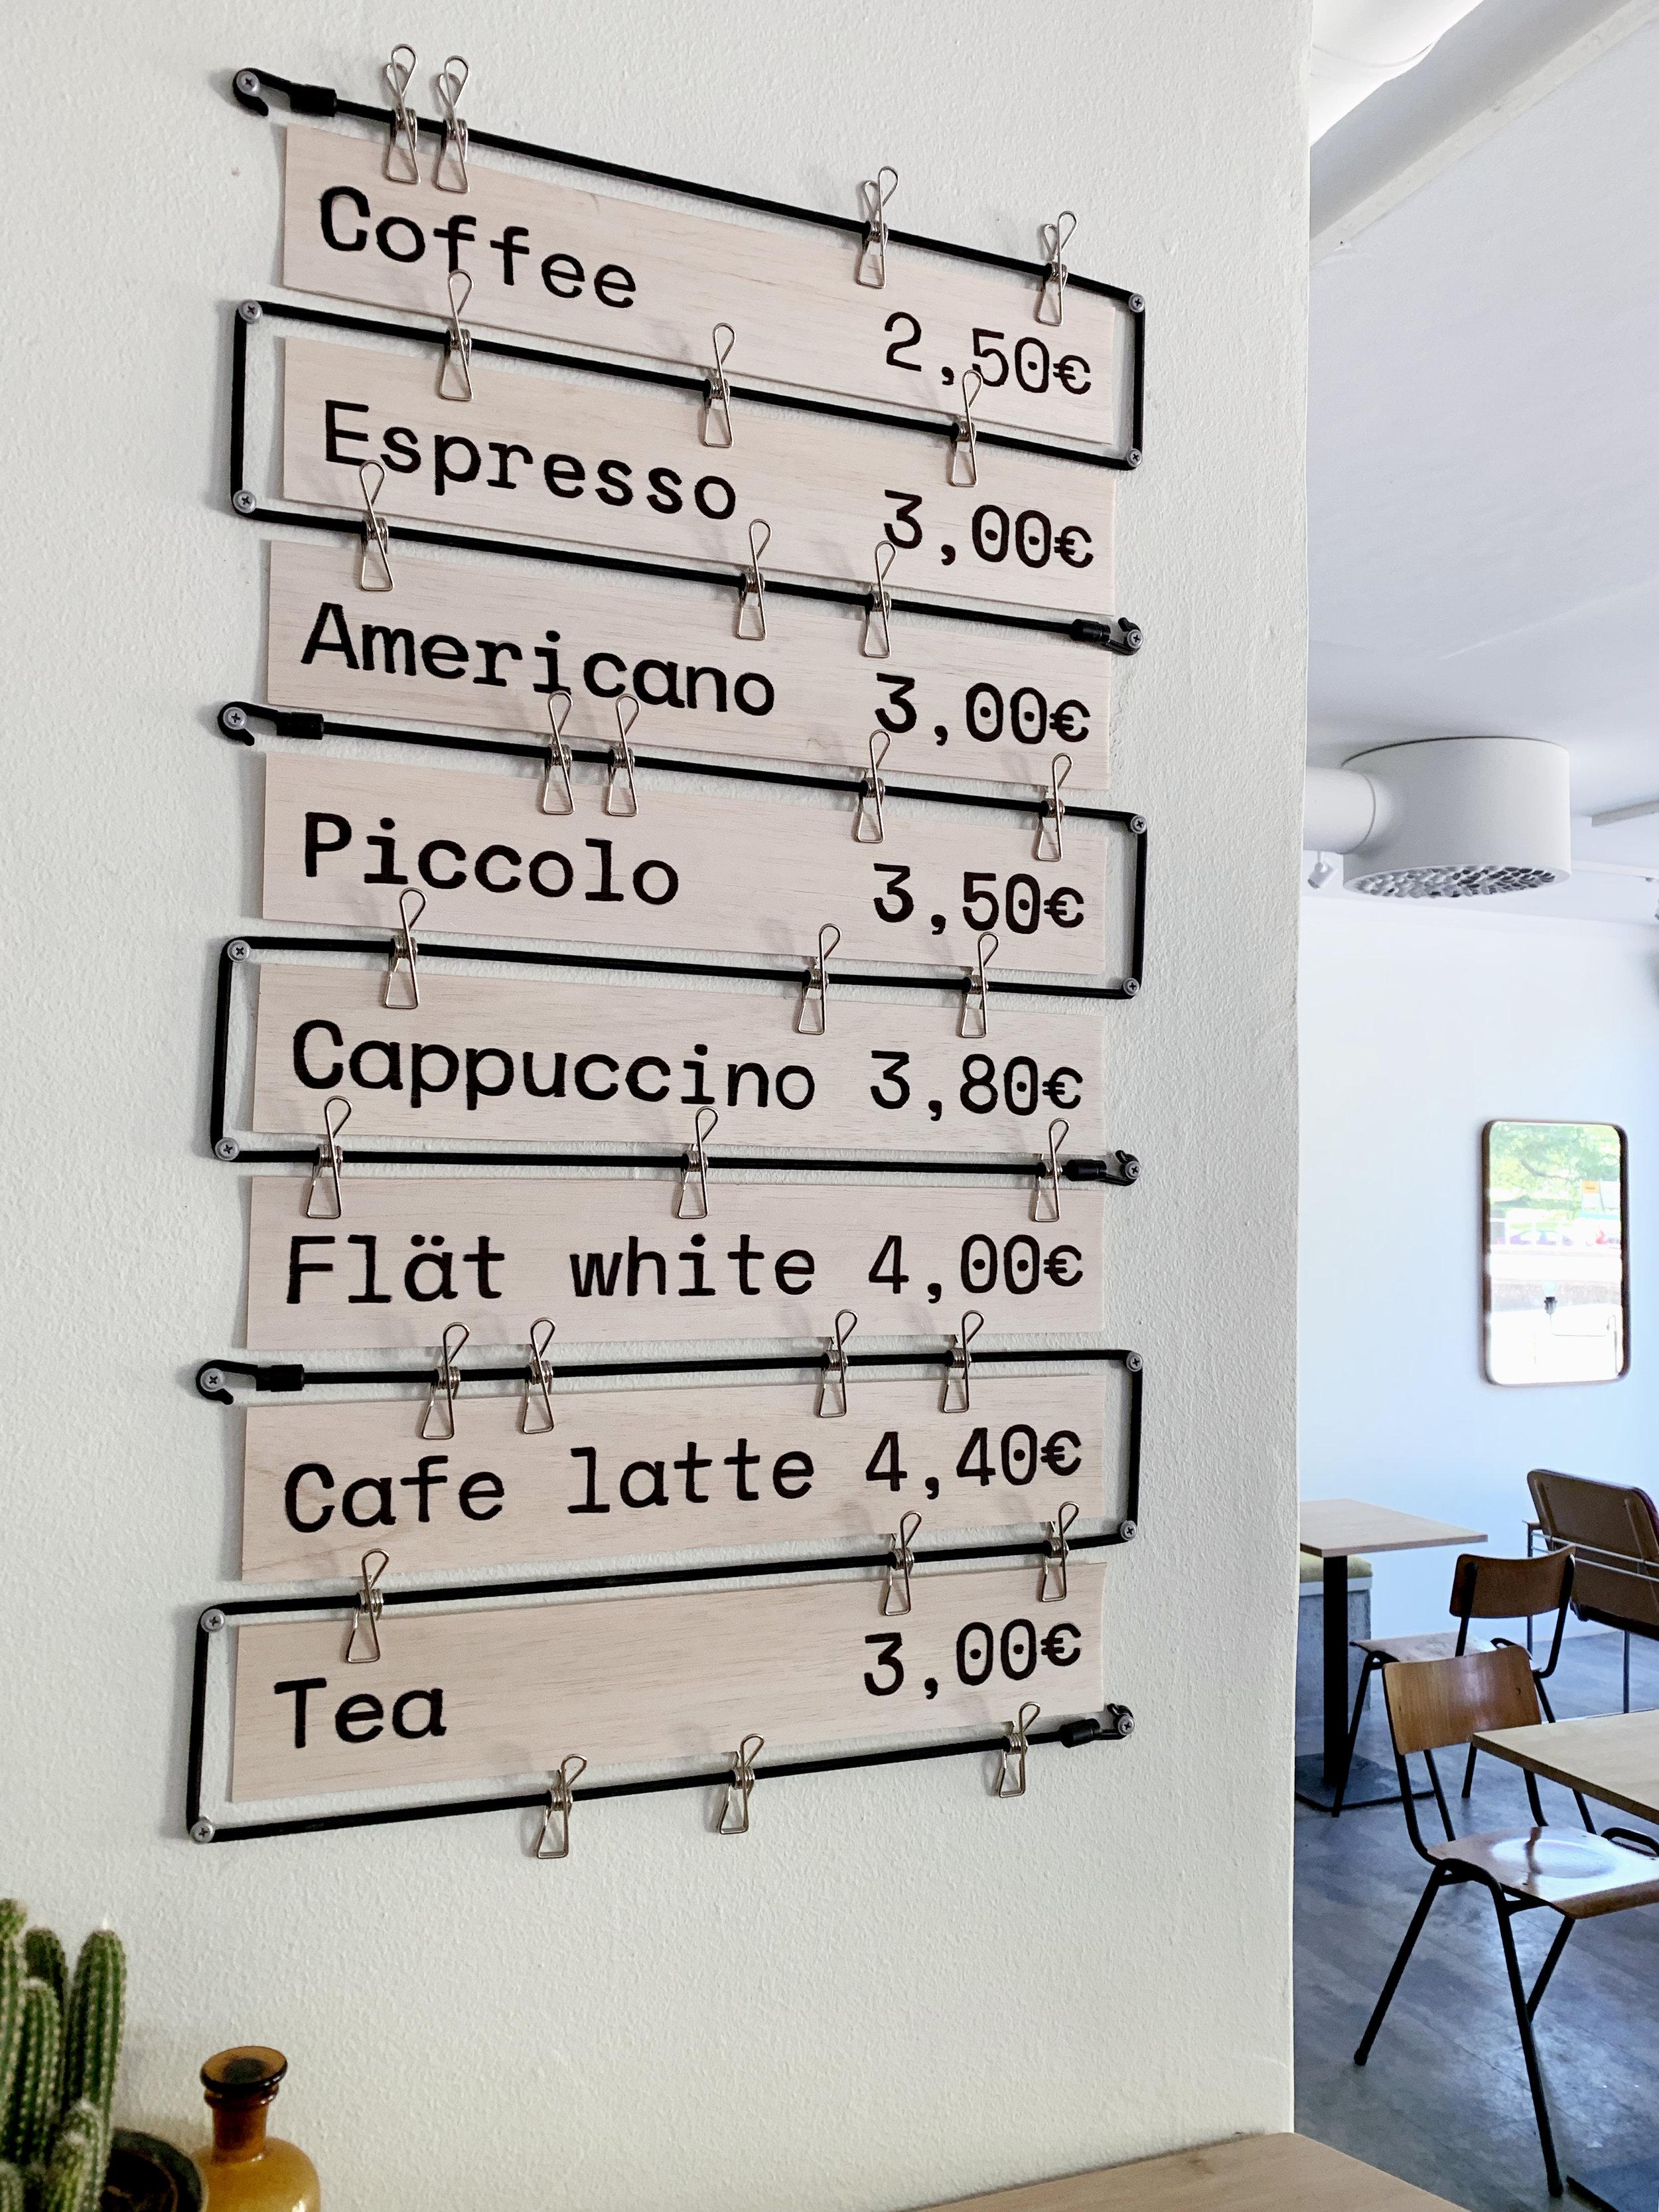 flät_menu.jpg